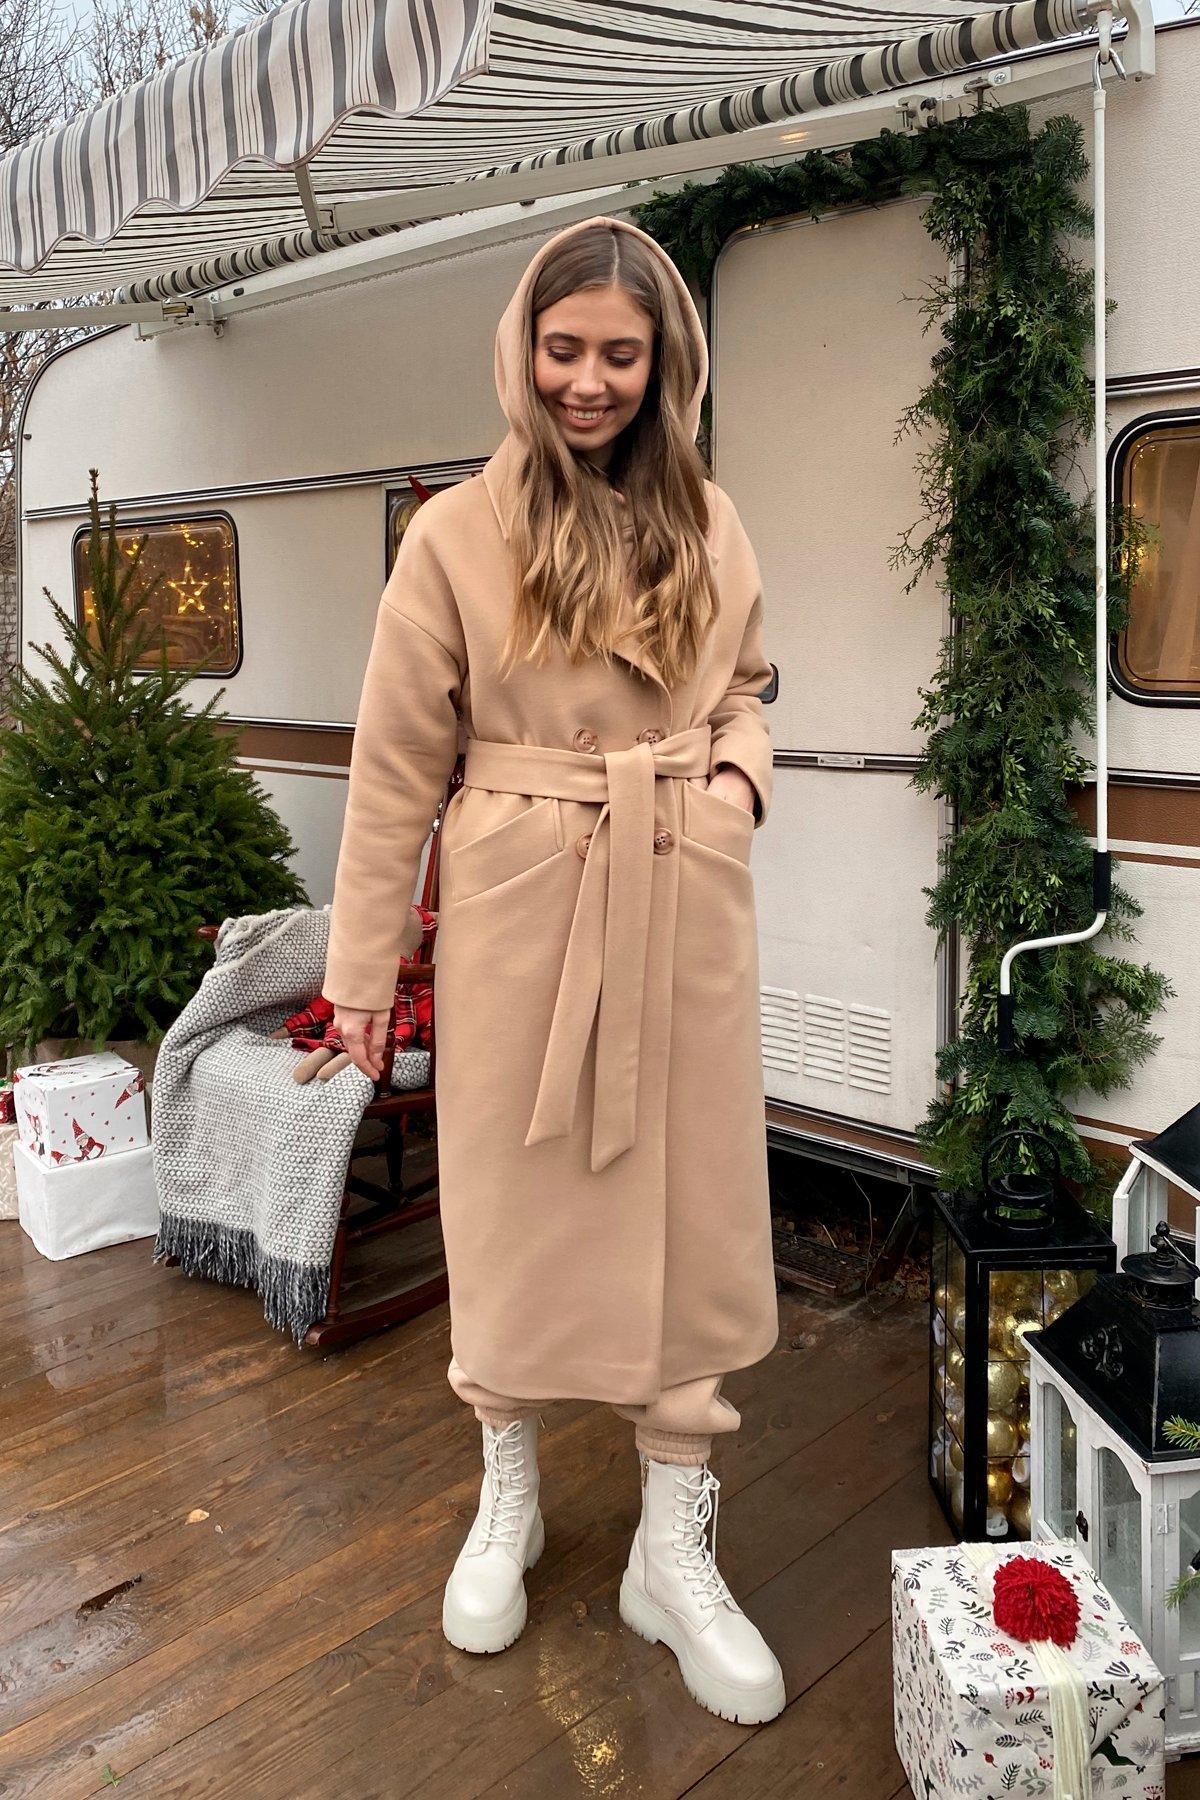 Сенсей макси кашемир турецкий зима пальто 10041 АРТ. 46335 Цвет: Кемел - фото 8, интернет магазин tm-modus.ru